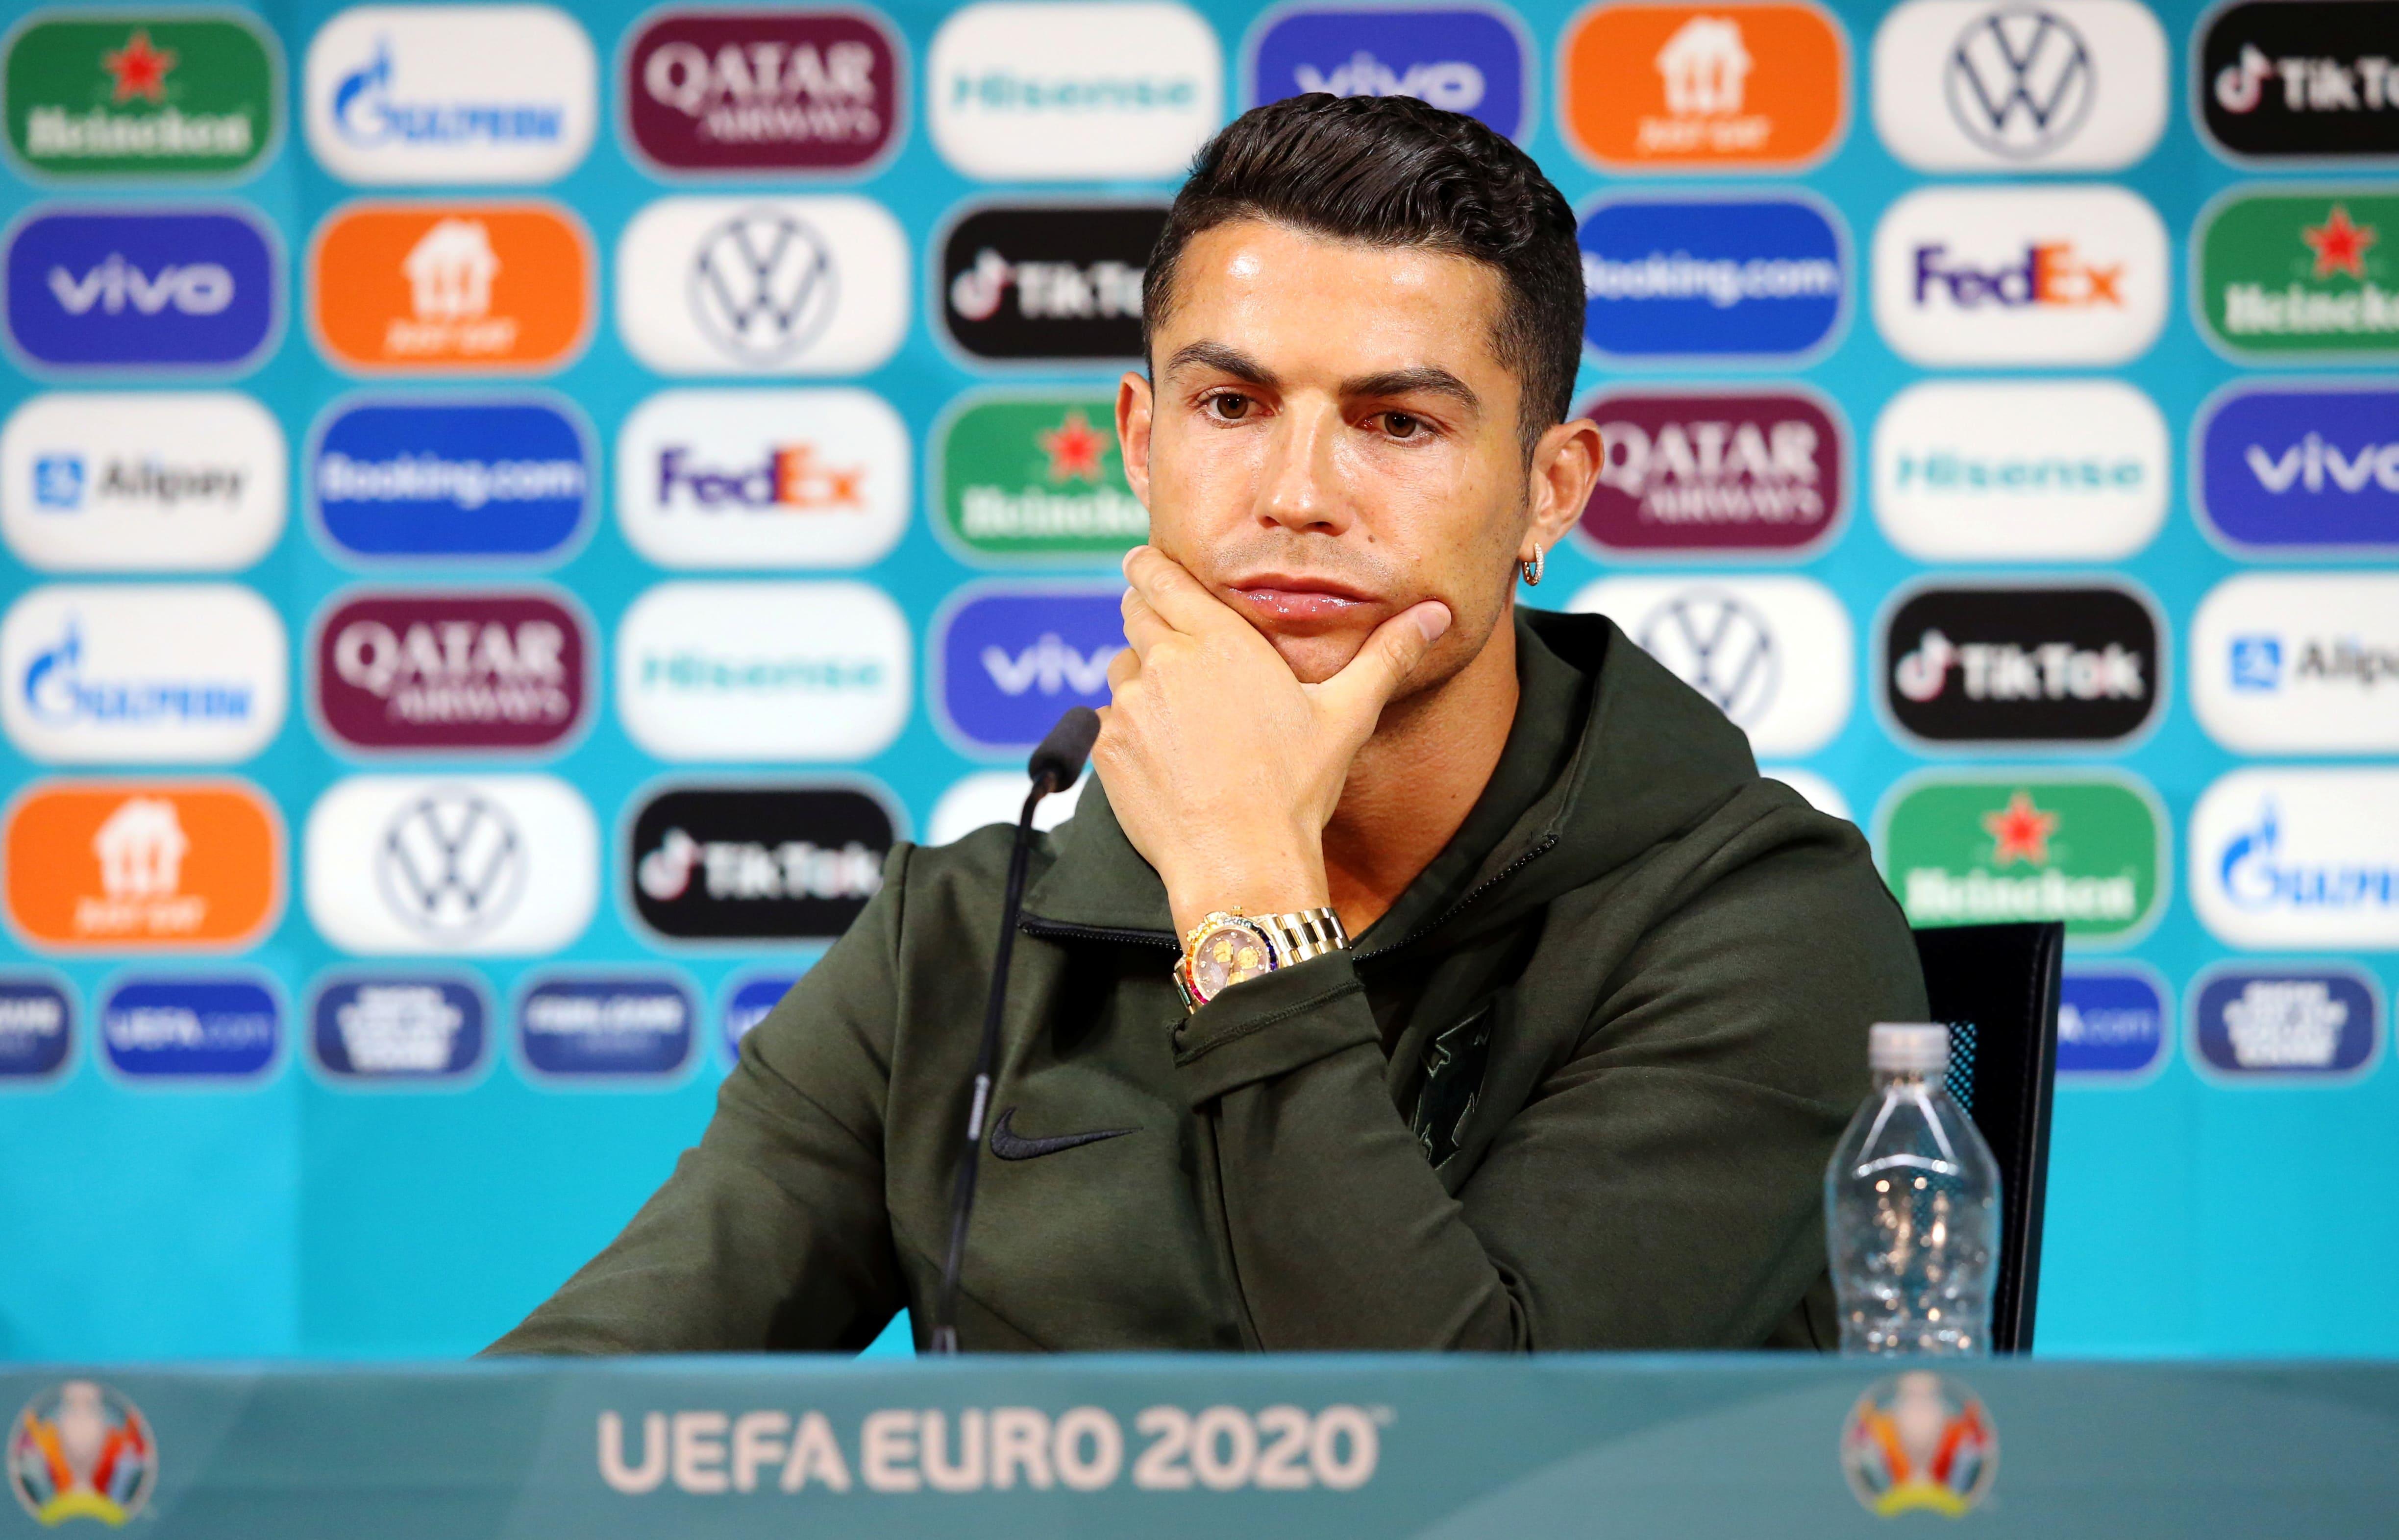 """EURO 2020: Ronaldu dažu sekunžu laikā pazemina """"Coca-Cola"""" vērtību par 4 miljardiem dolāru"""